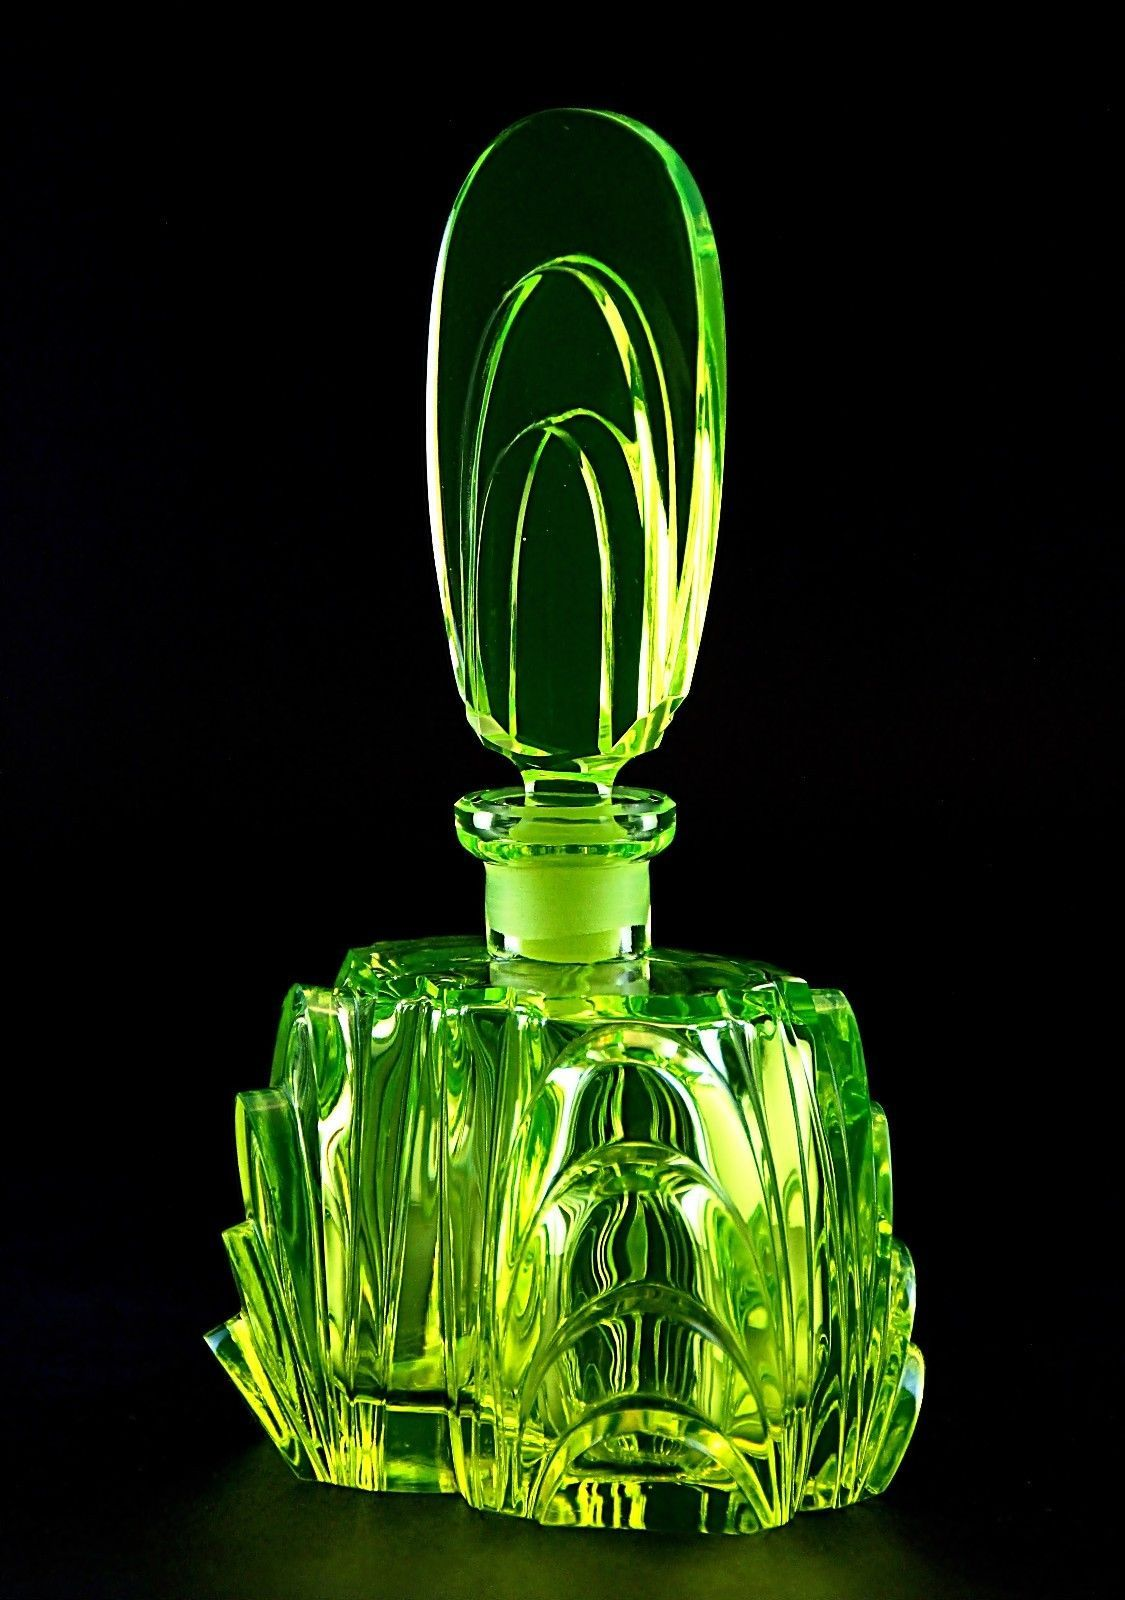 100 stk Seltene Smaragd Fluoreszierende Blumensamen Nachtlicht Ausstrahlen Pflan